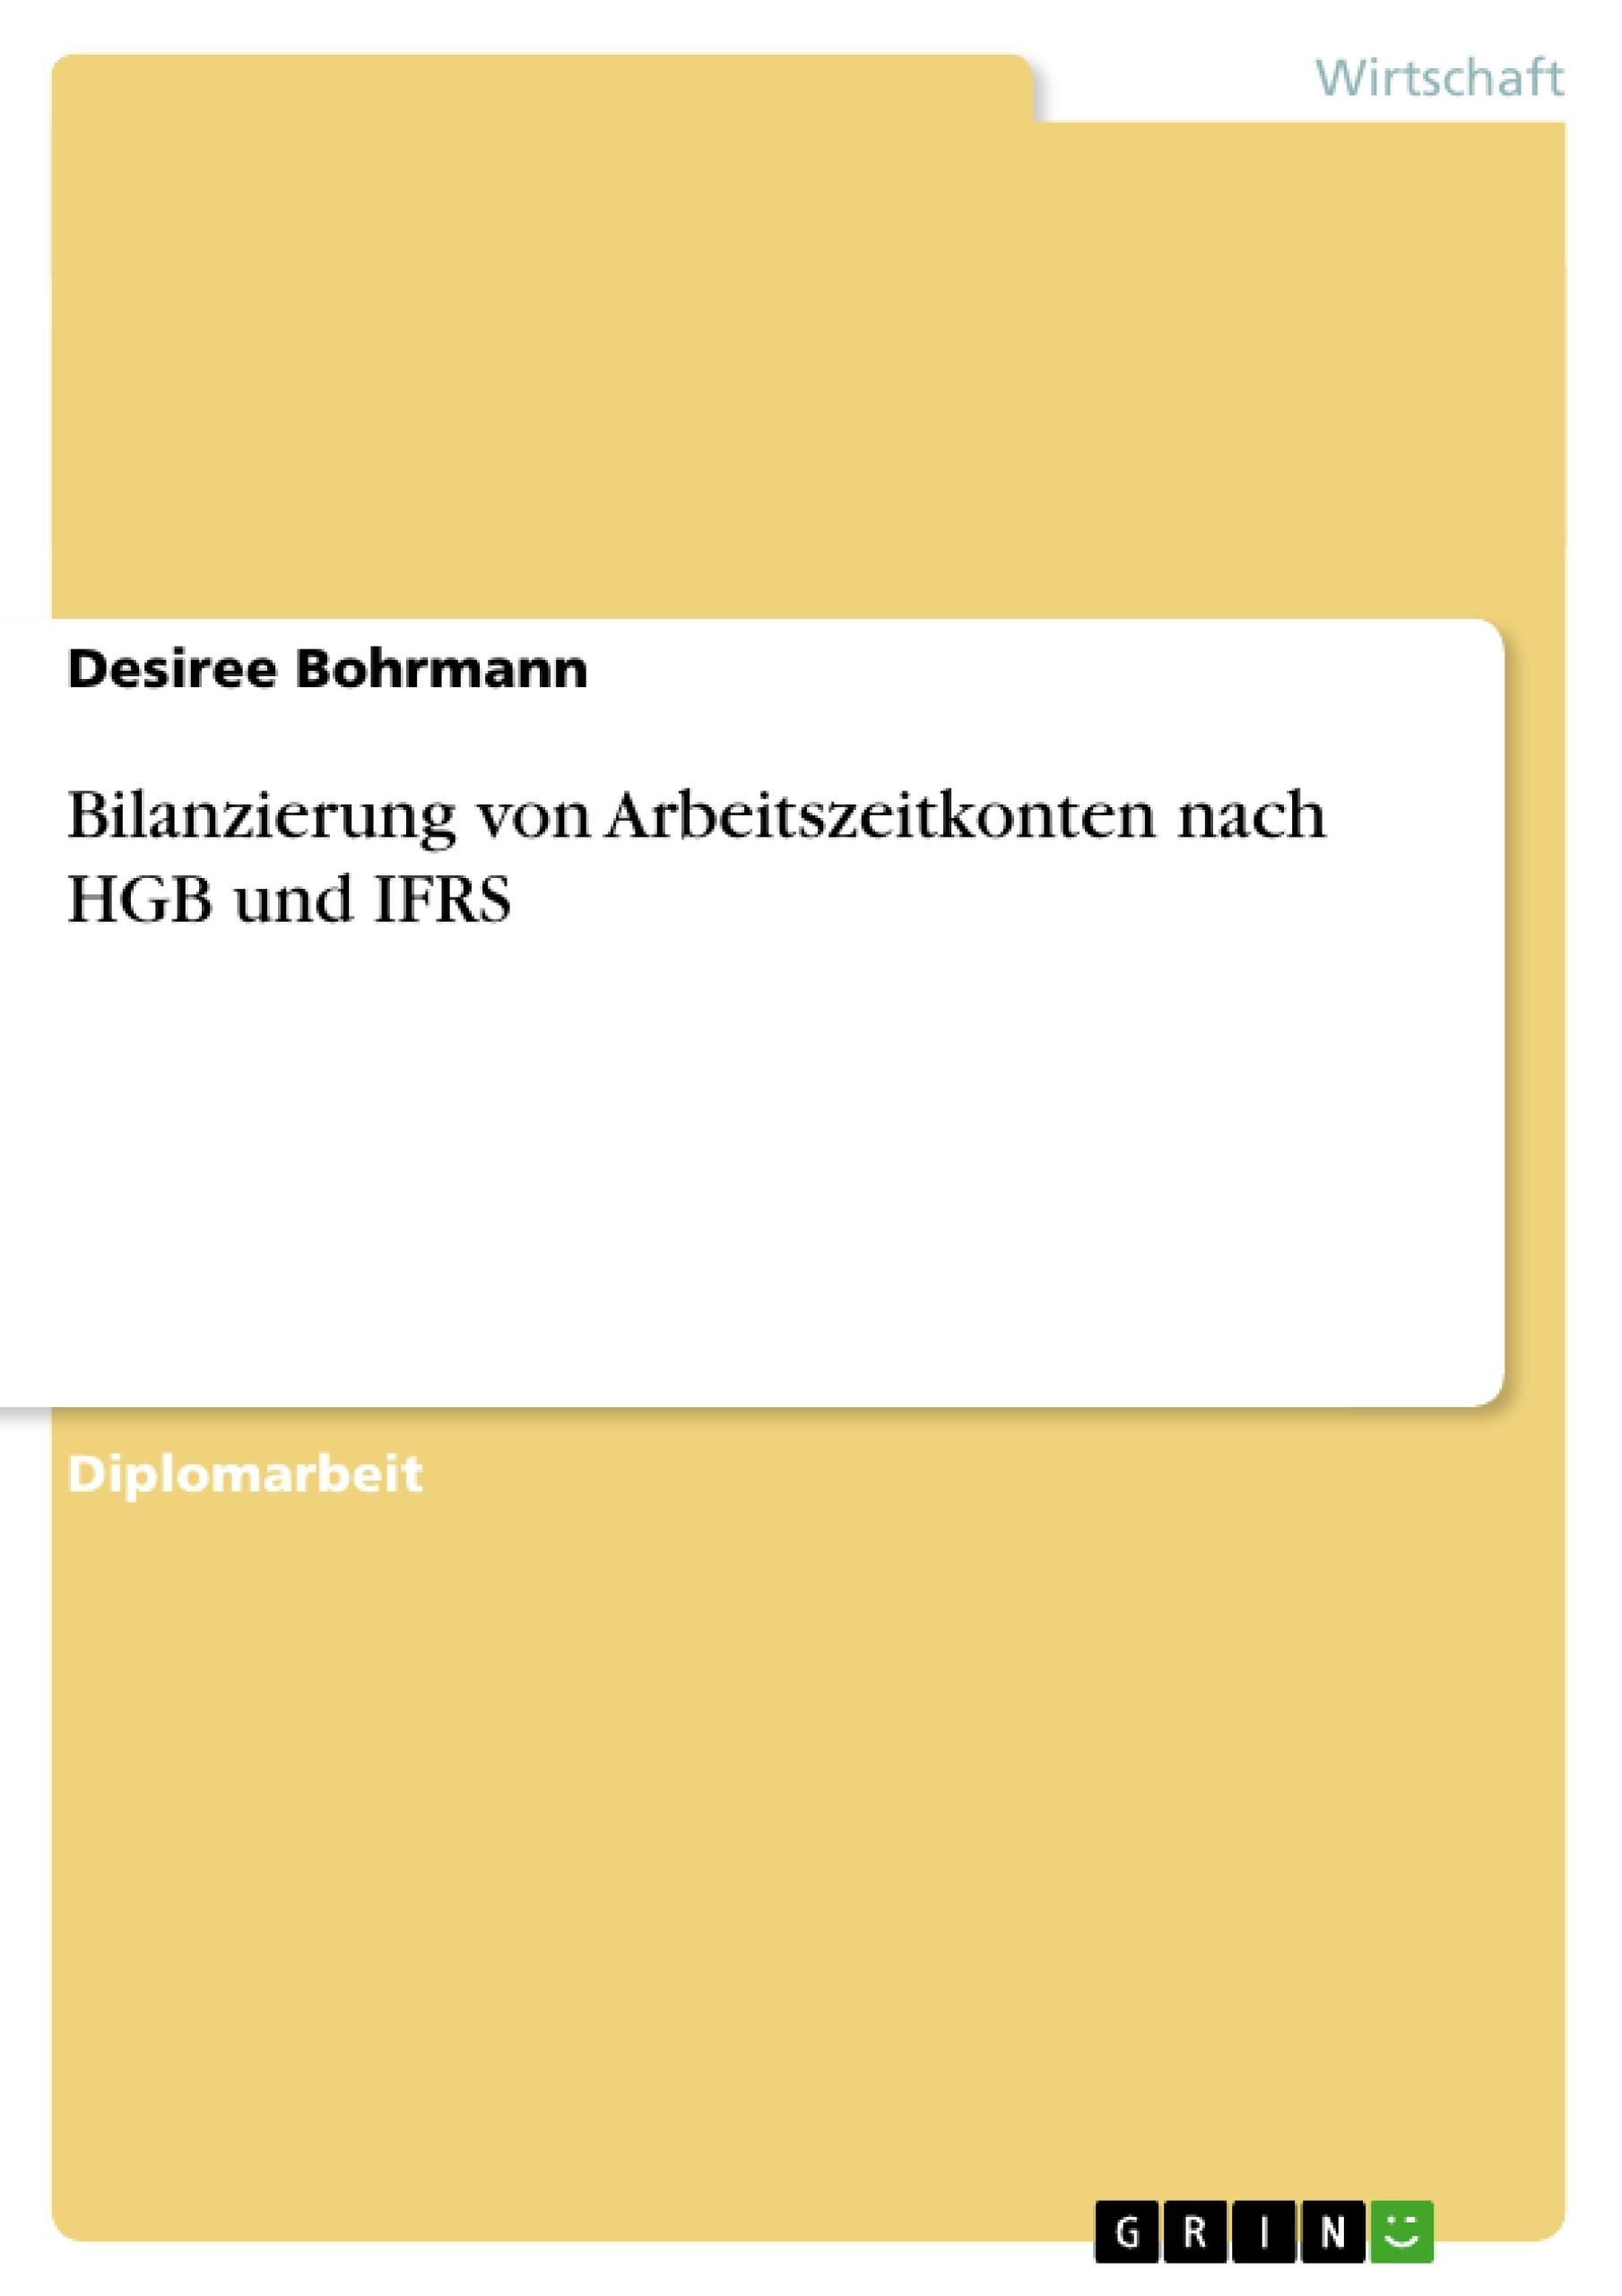 Titel: Bilanzierung von Arbeitszeitkonten nach HGB und IFRS